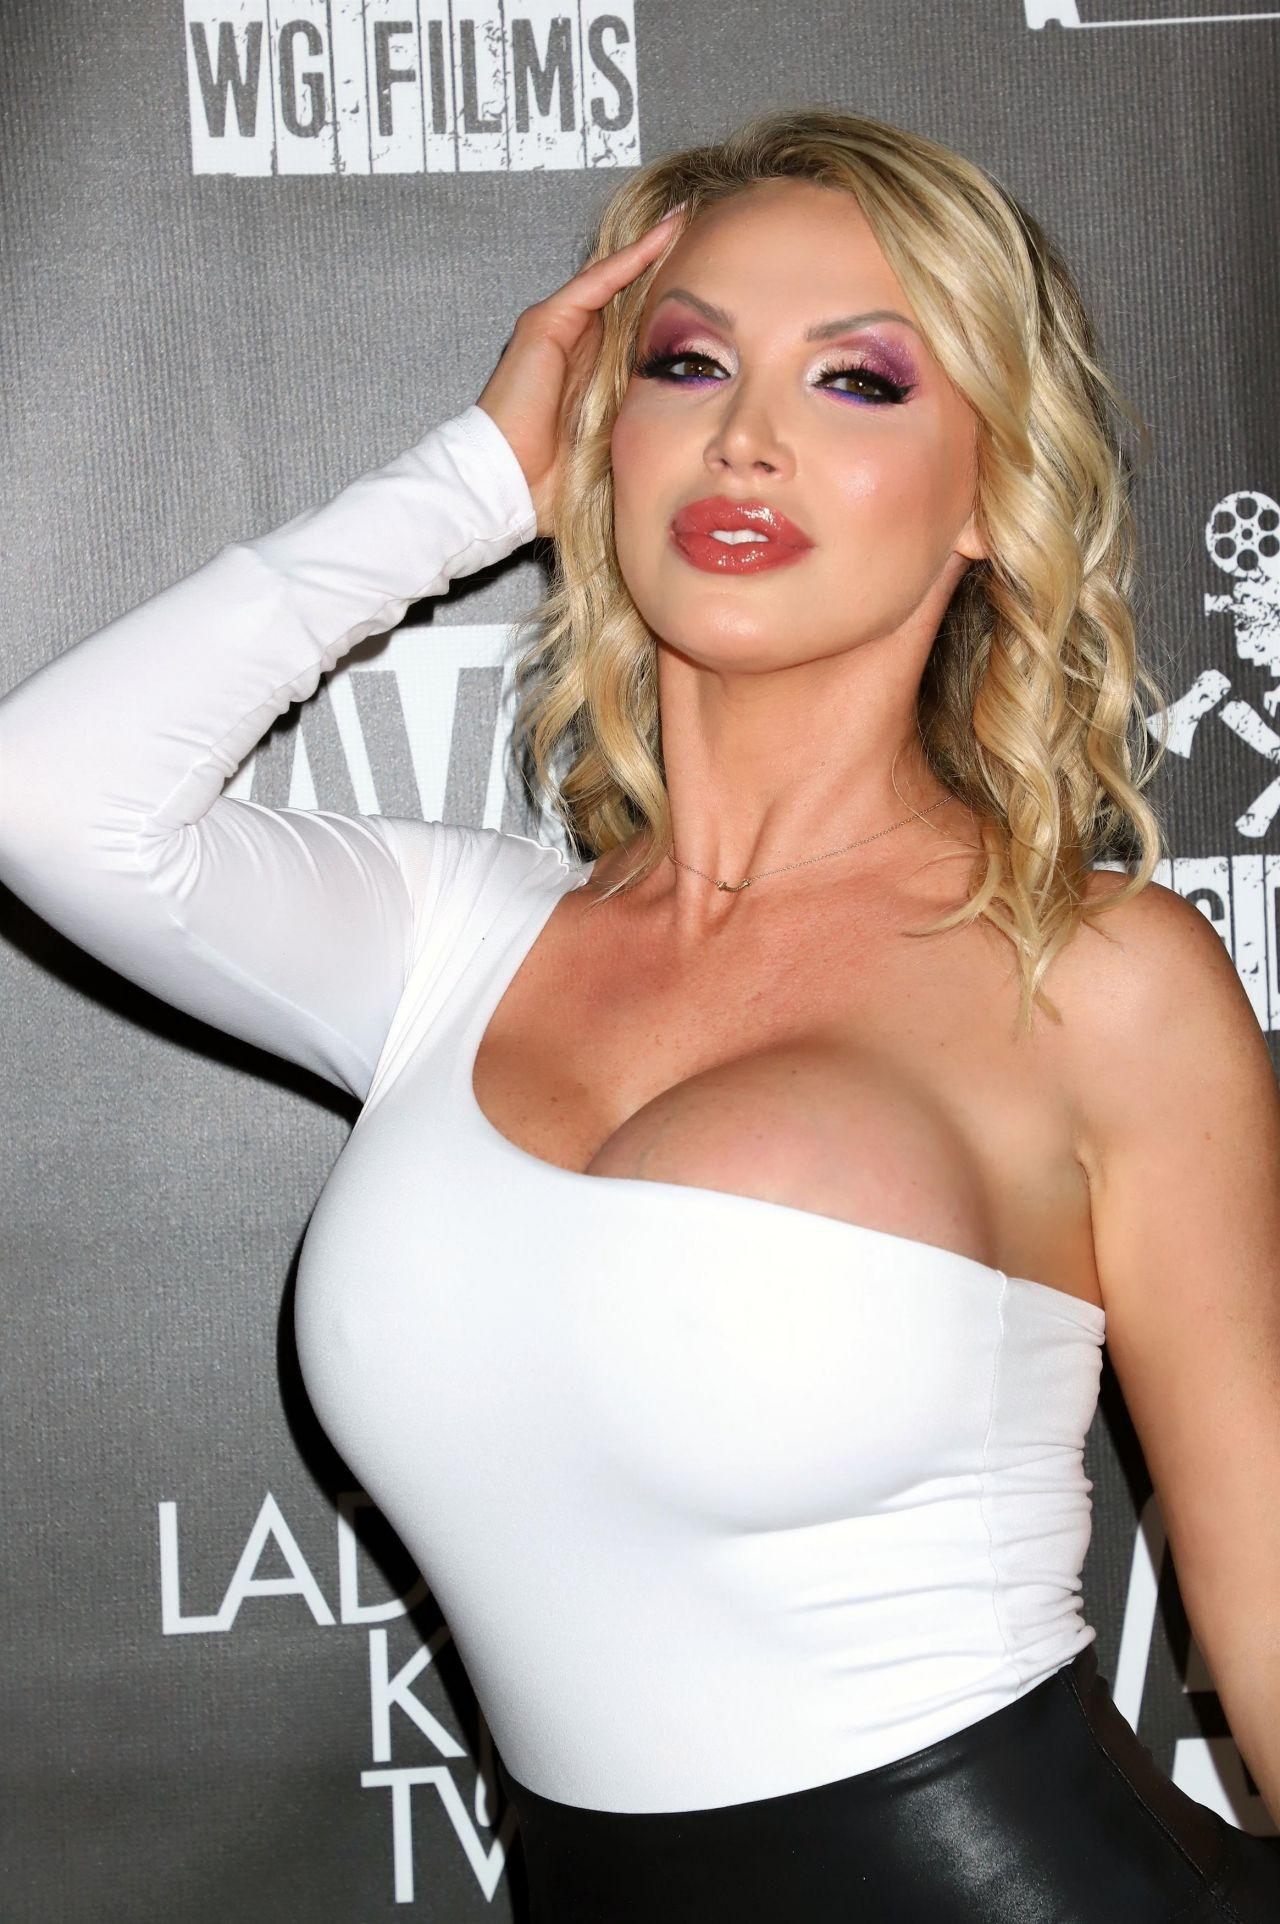 Nikki Benz - LadyKiller TV Premiere in Las Vegas